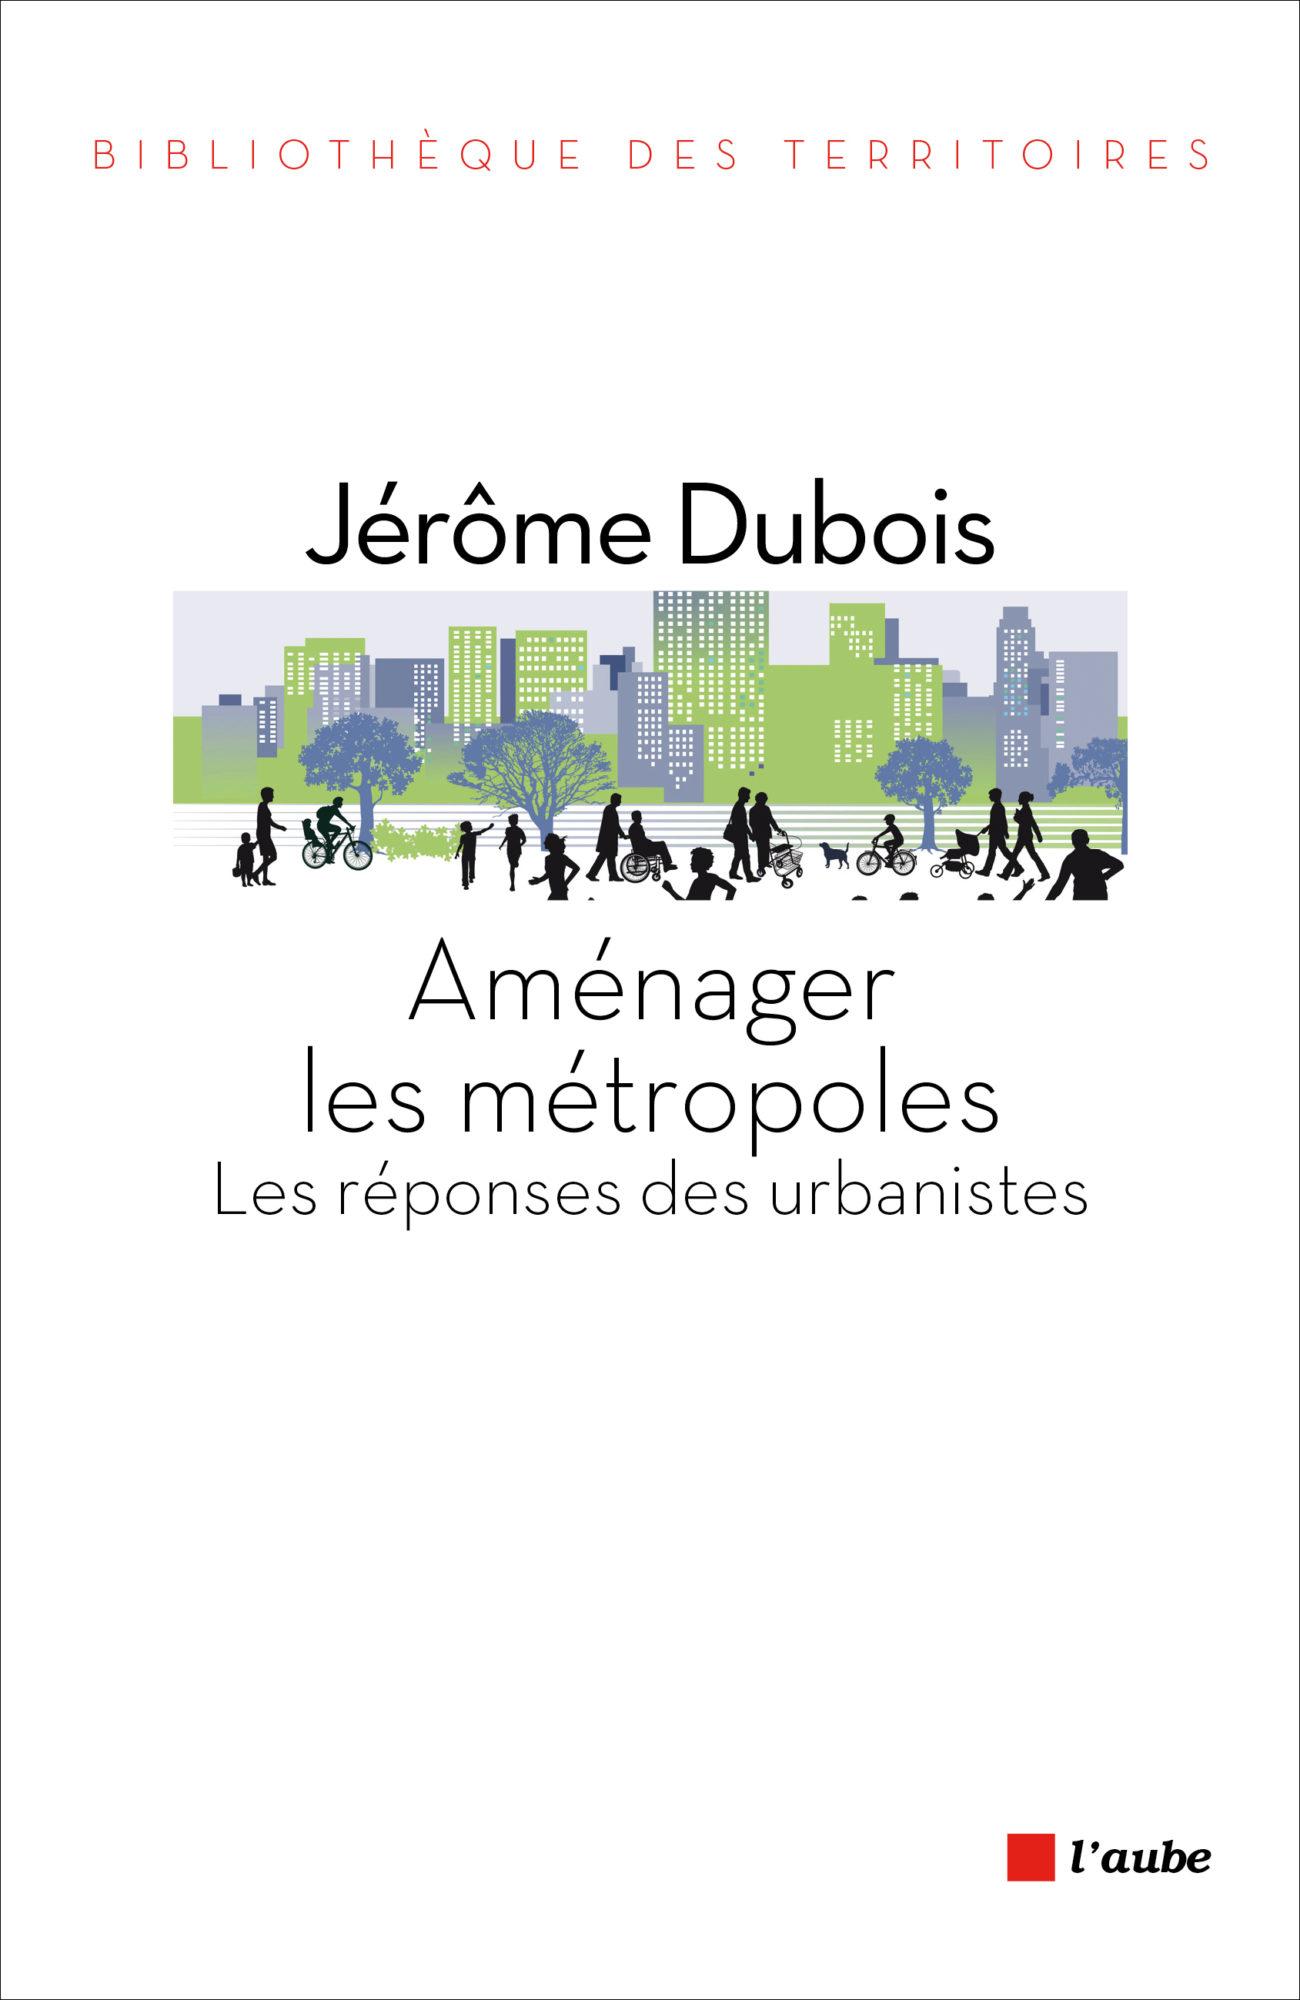 Aménager les métropoles